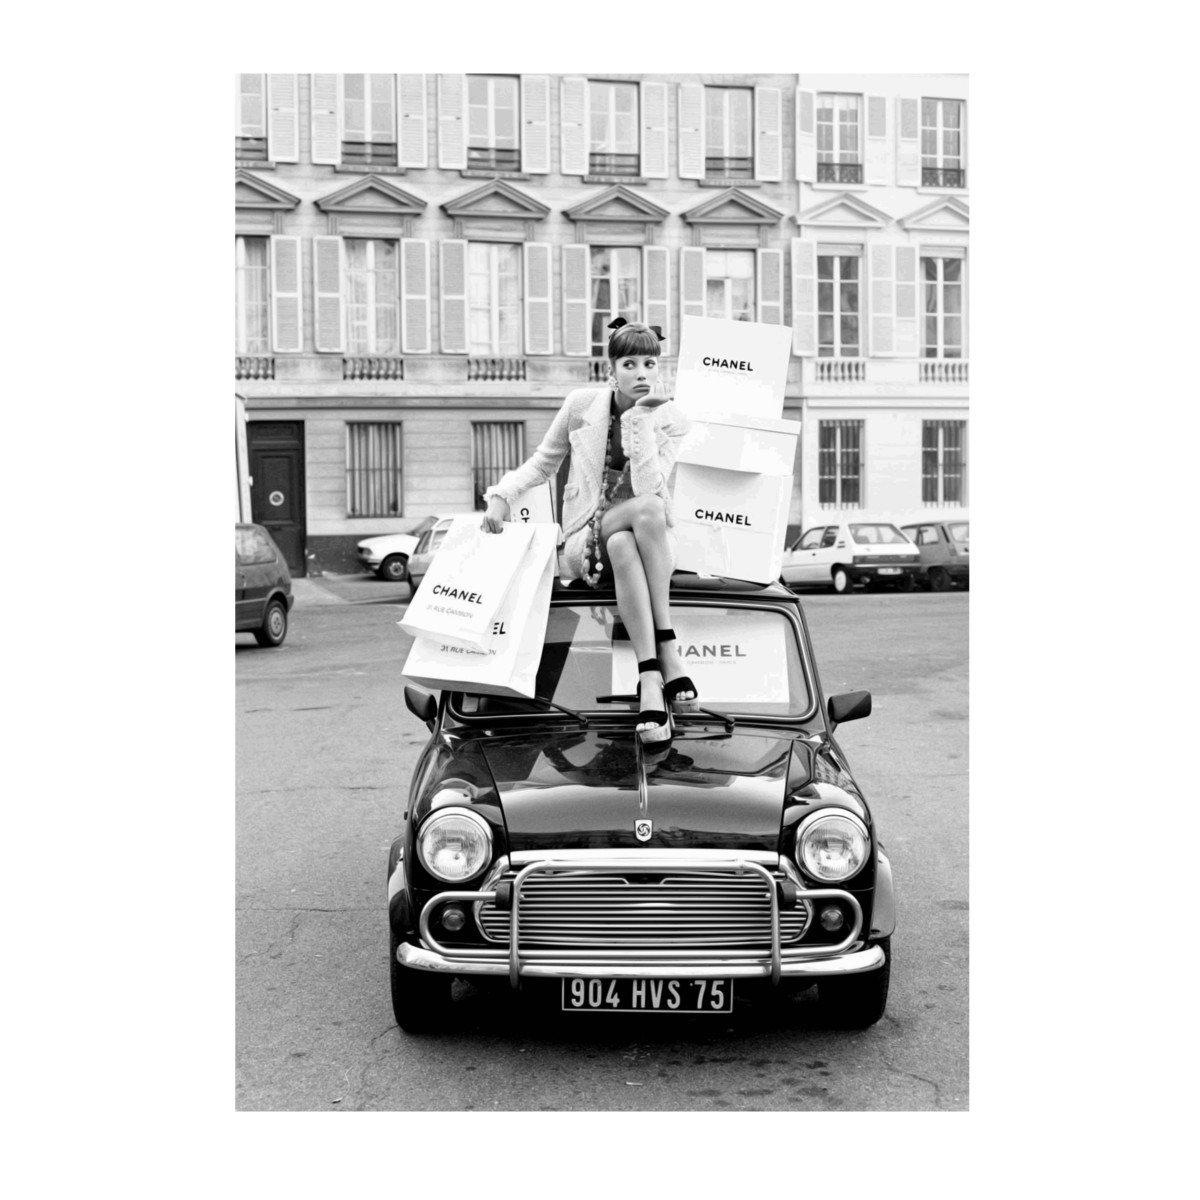 Aroma of Paris アートポスター おしゃれ インテリア 北欧 モノクロ アート #113 A2 シルバーフレーム B079KSSM48 A2 (420 x 594mm)|シルバーフレーム シルバーフレーム A2 (420 x 594mm)